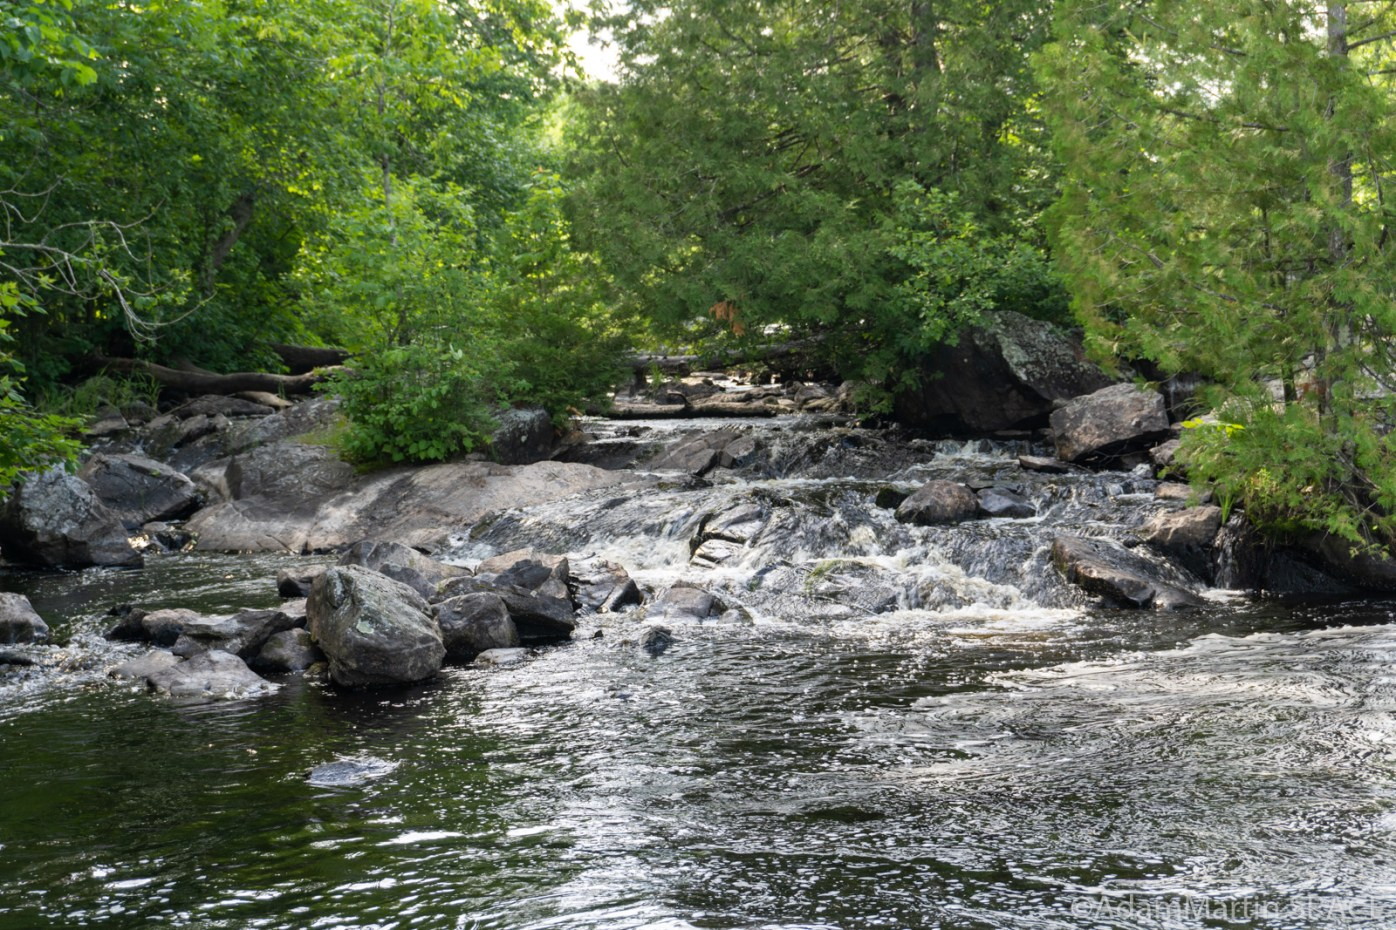 Lake of the Falls - Main falls views